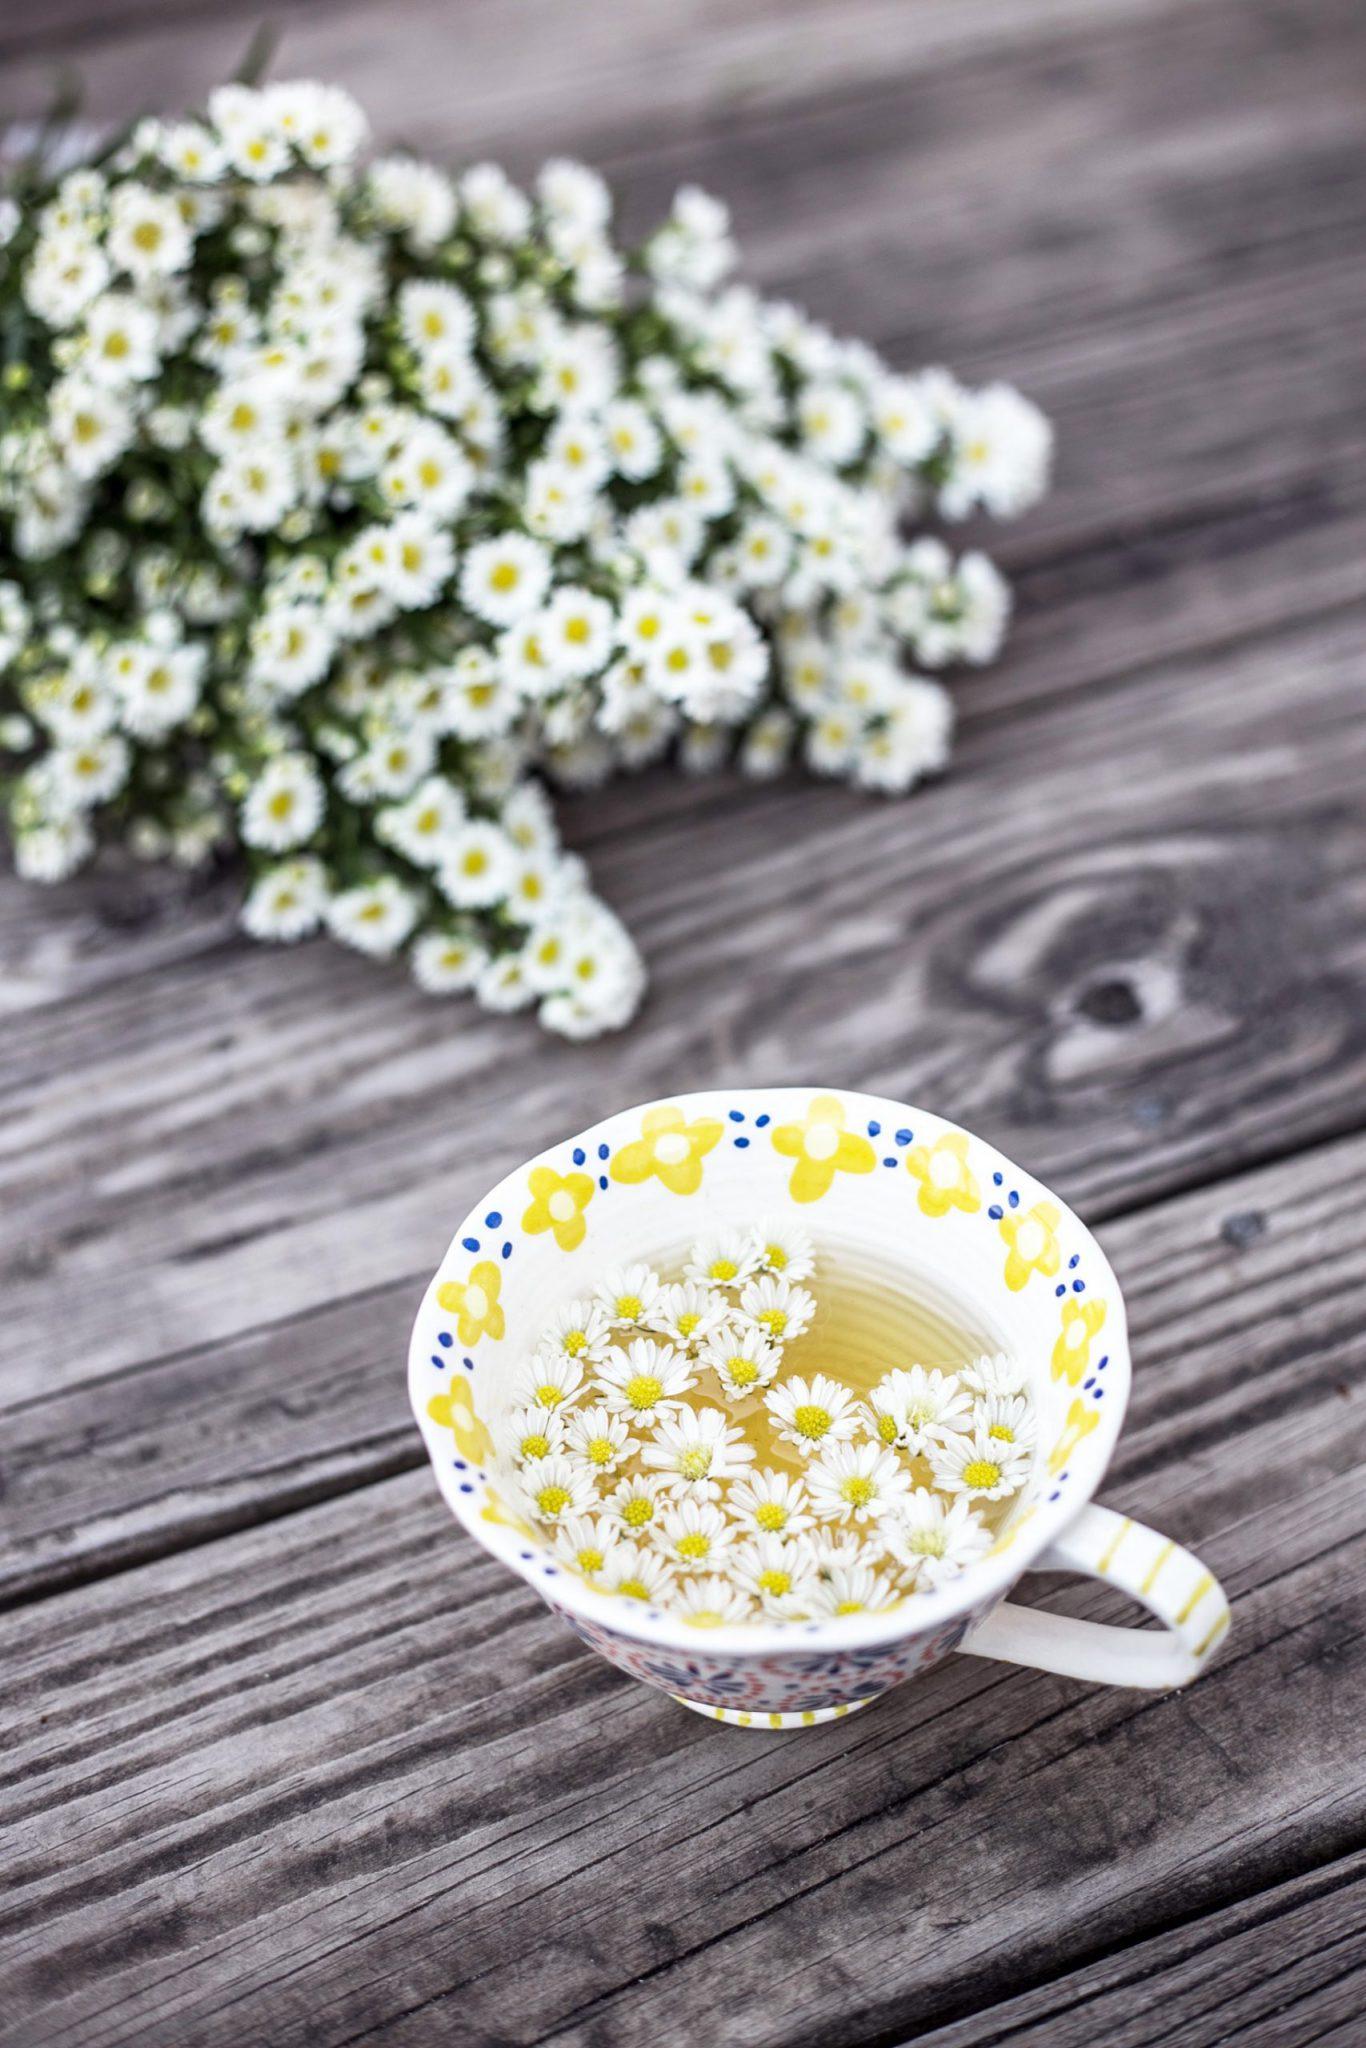 >Người ta cũng sử dụng trà hoa cúc trắng làm thuốc, làm đẹp da và thanh lọc máu.